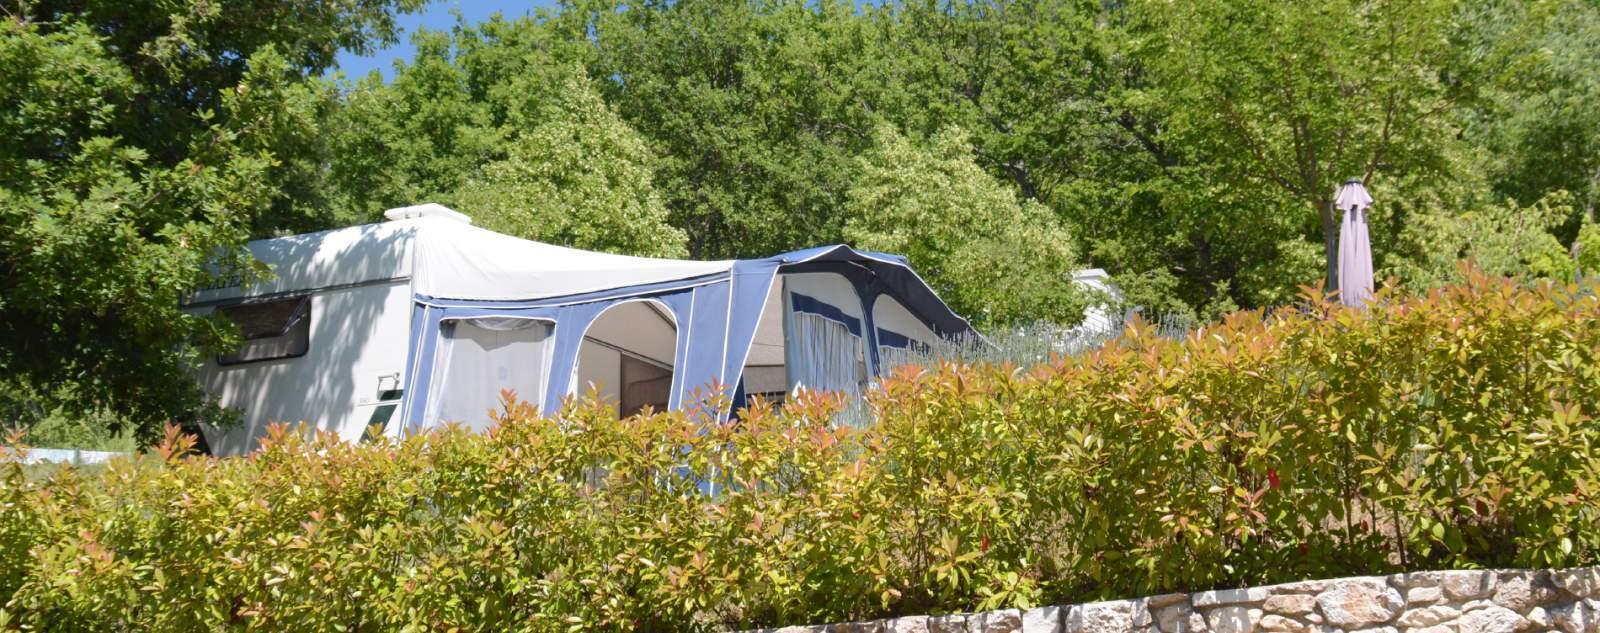 61 editeur page bloc element emplacements de camping dans le verdon 1600x633